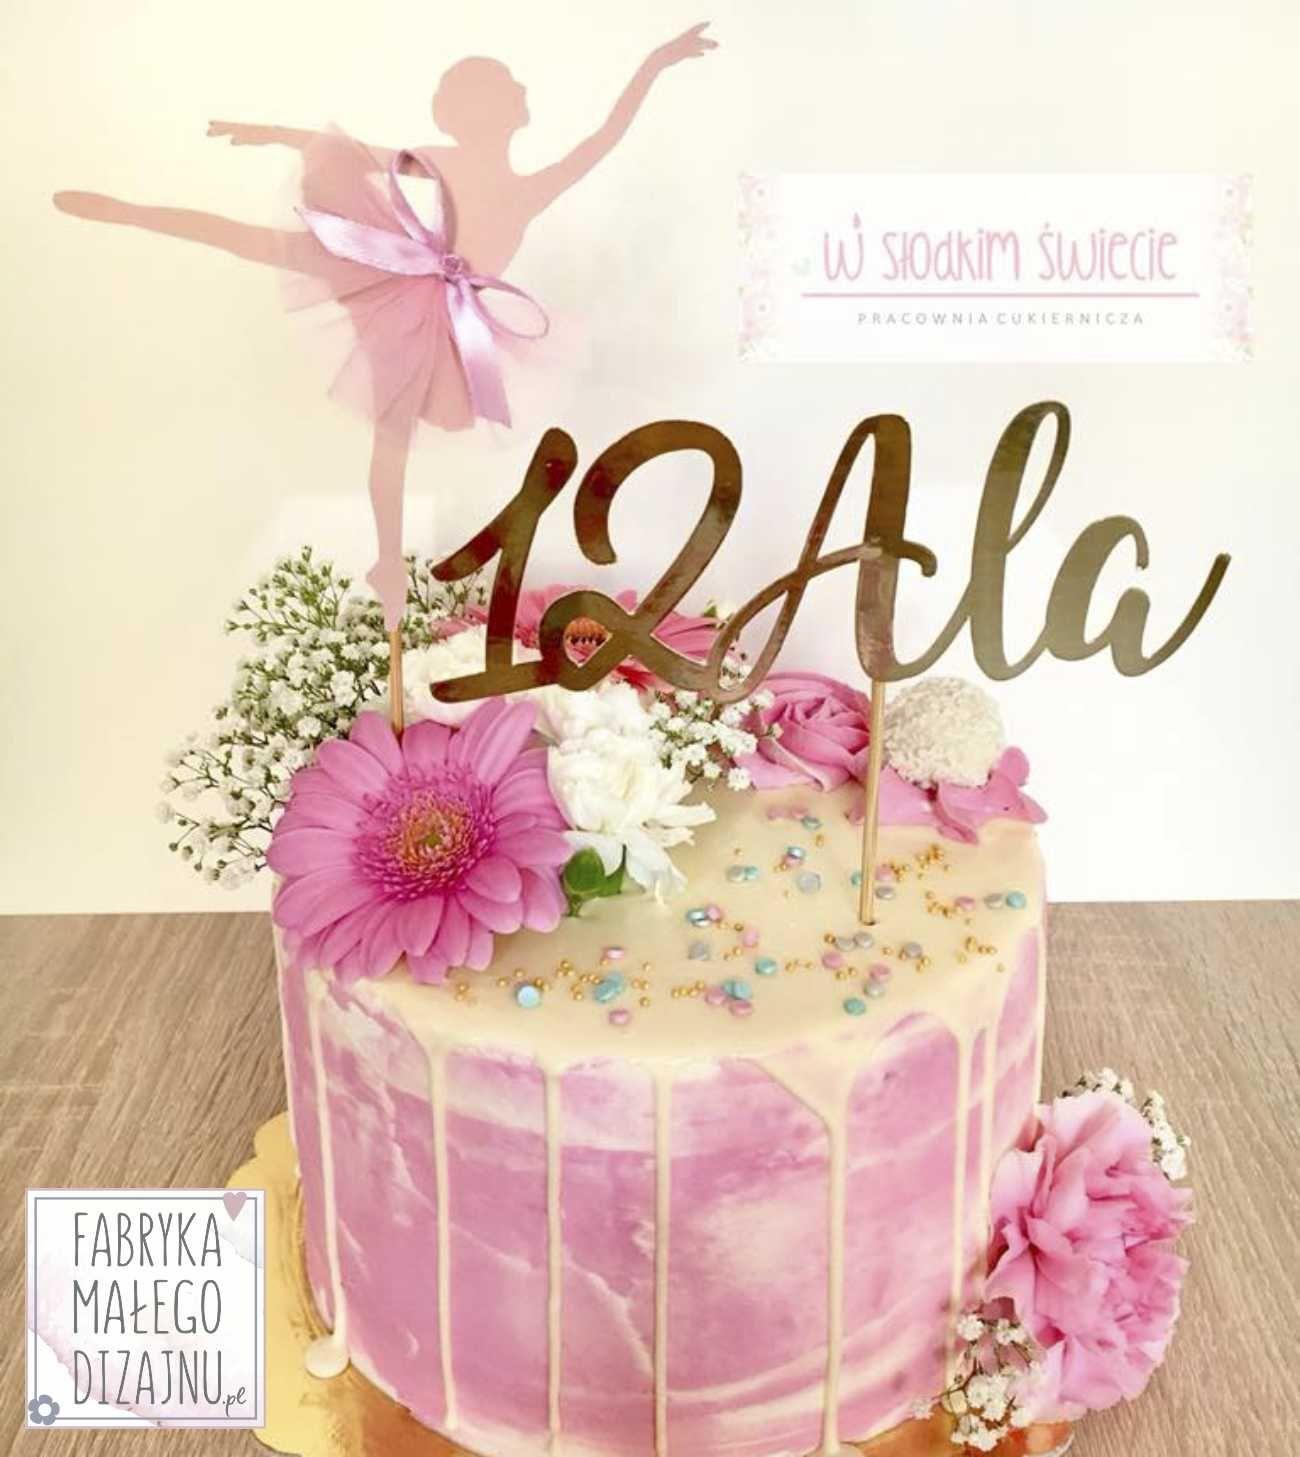 Topper Baletnica With Images Pomysly Urodzinowe Urodziny Tort